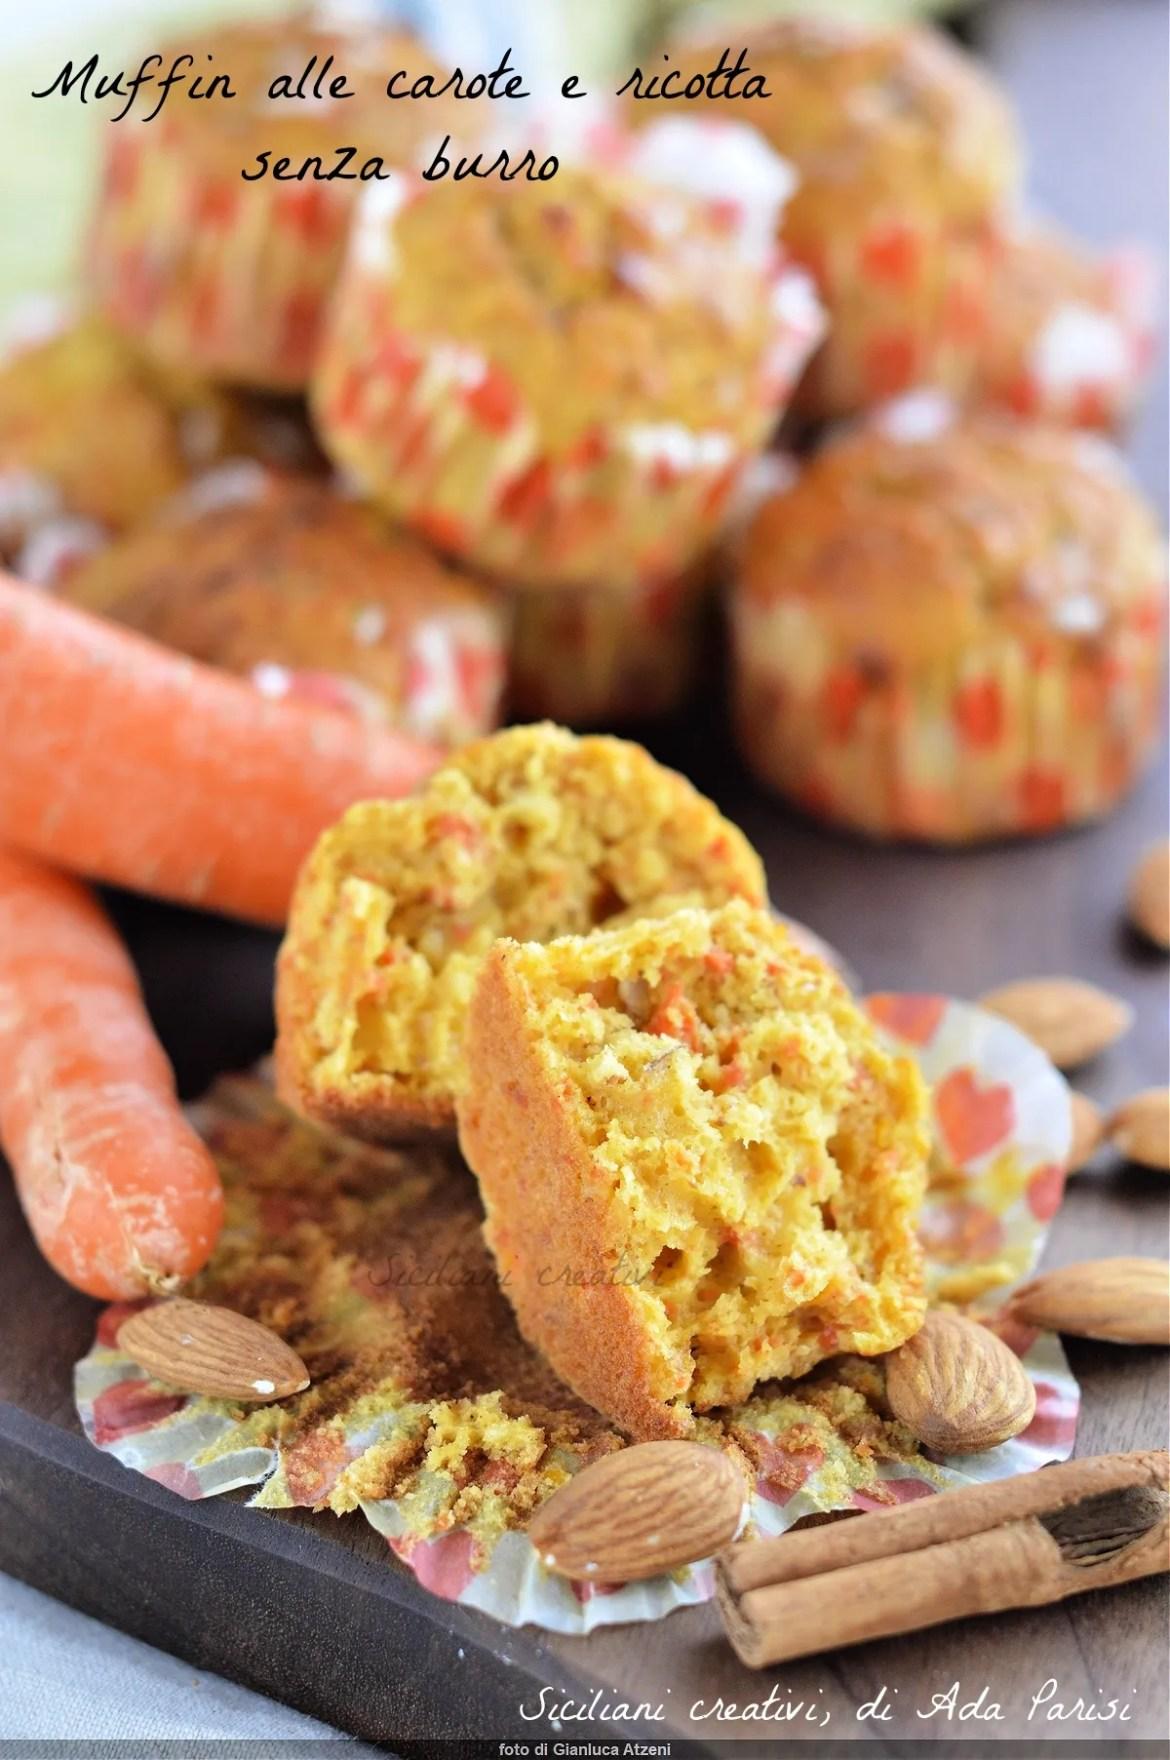 Muffin carote e ricotta, pas de beurre